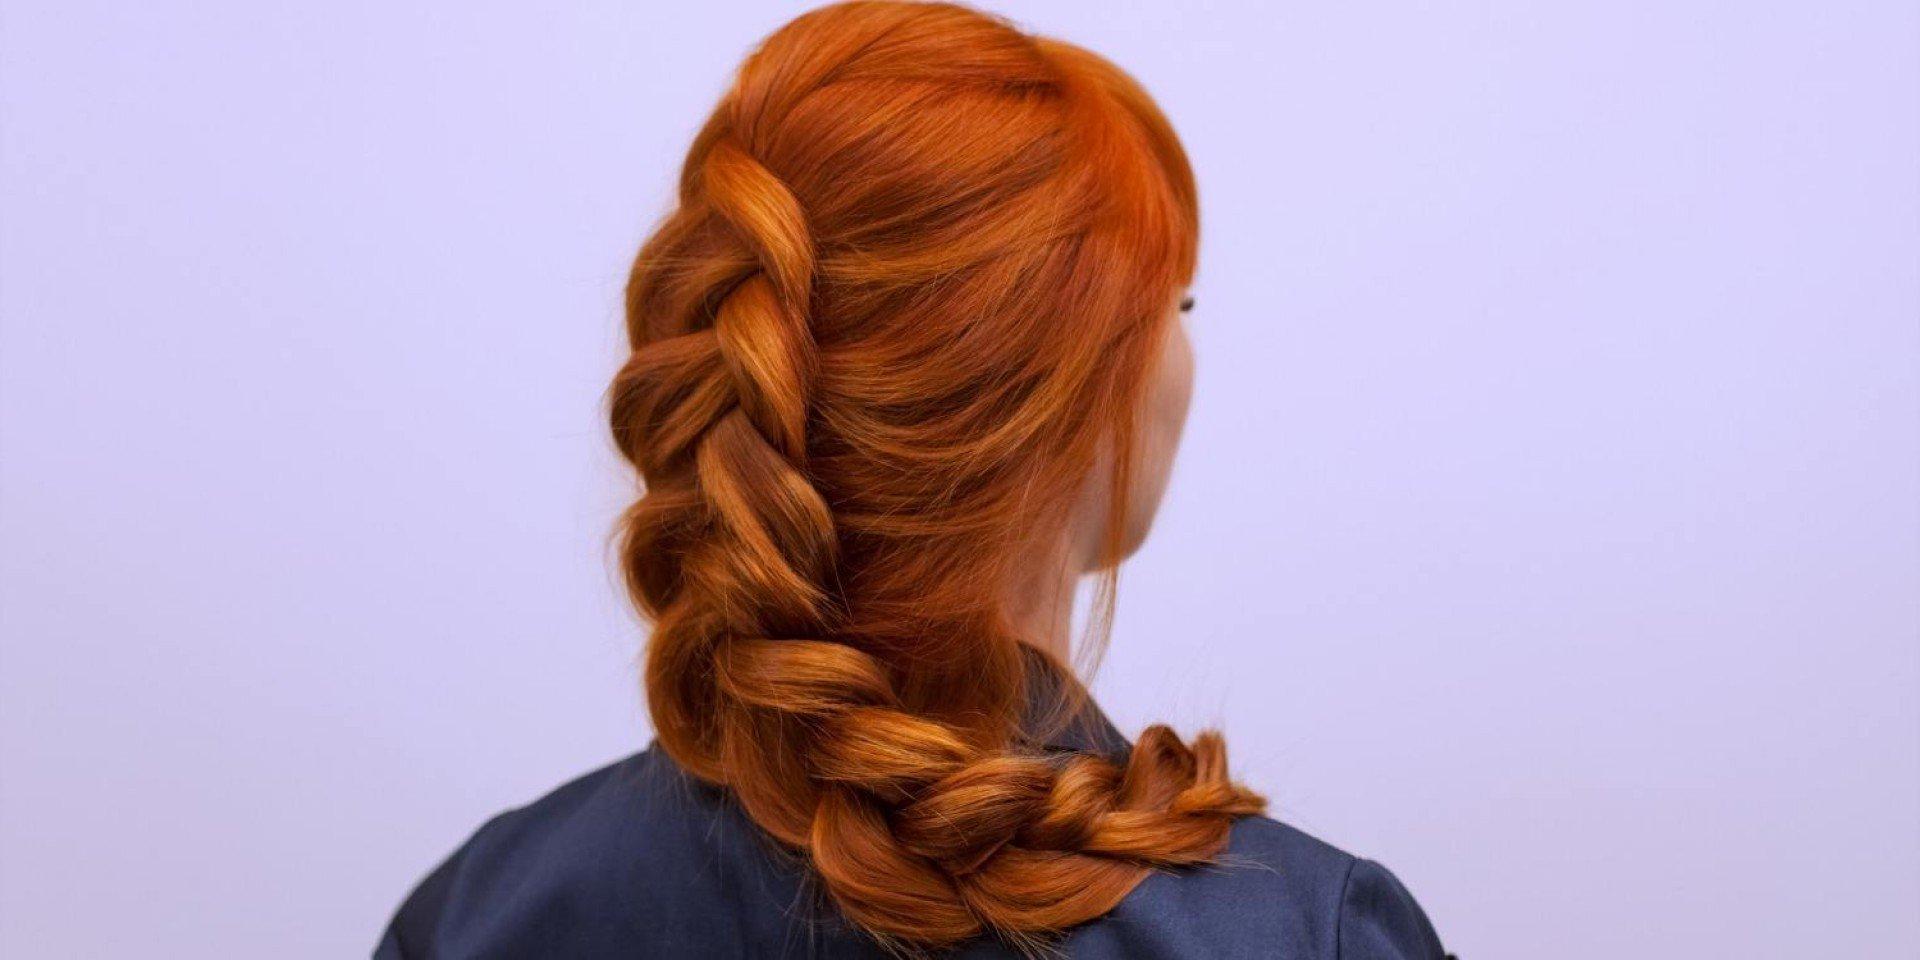 Flechtezöpfe und andere einfache Frisuren für den Alltag lange Haare